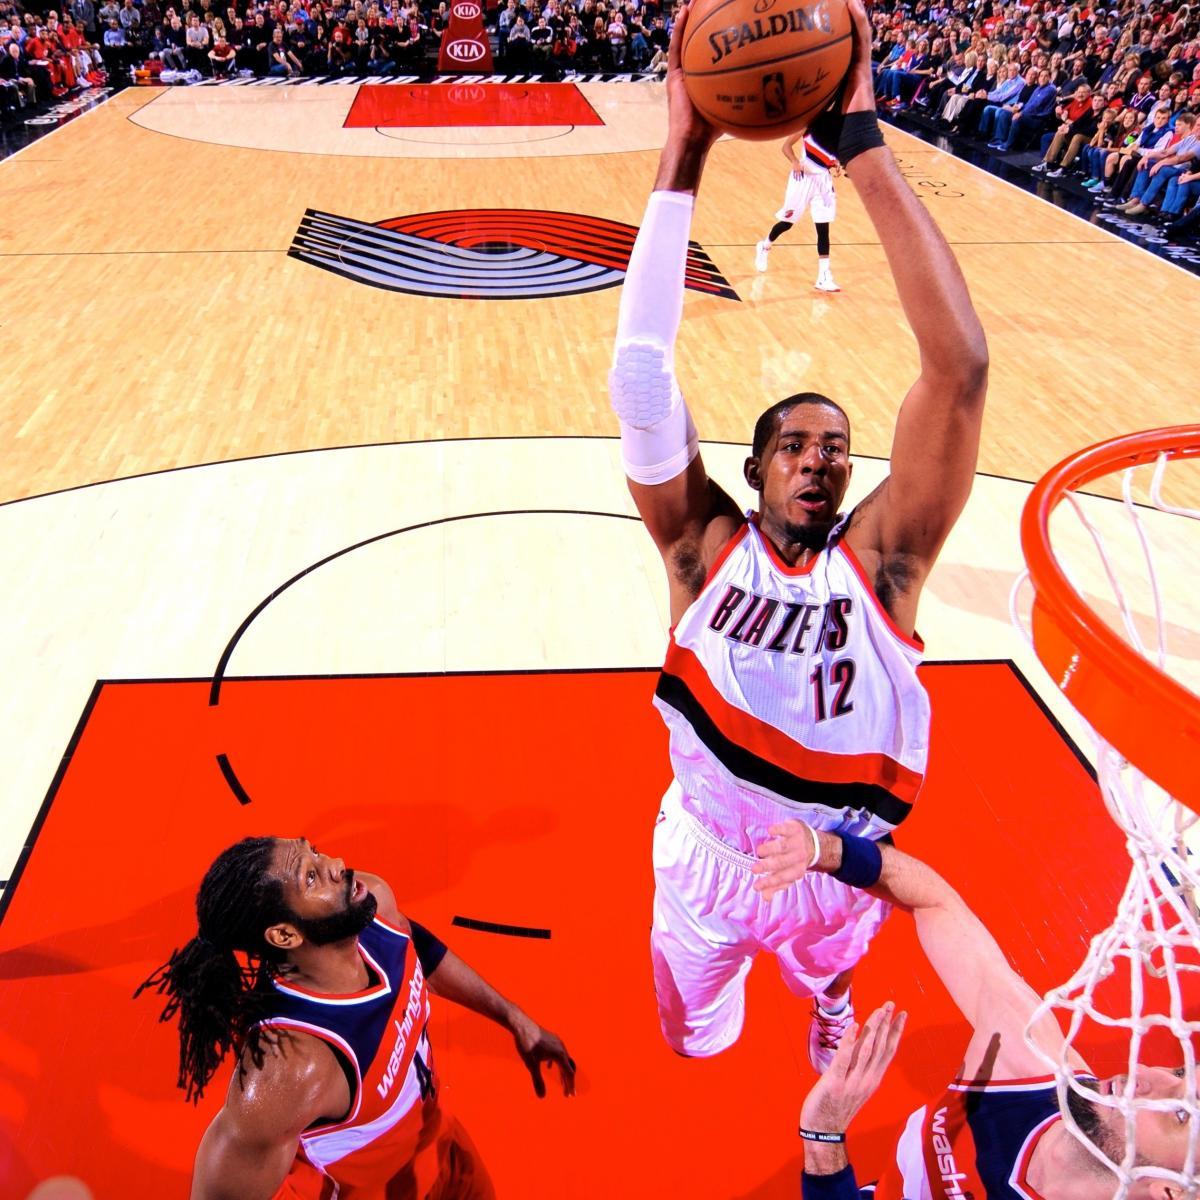 Portland Blazers Live Score: Washington Wizards Vs. Portland Trail Blazers: Live Score